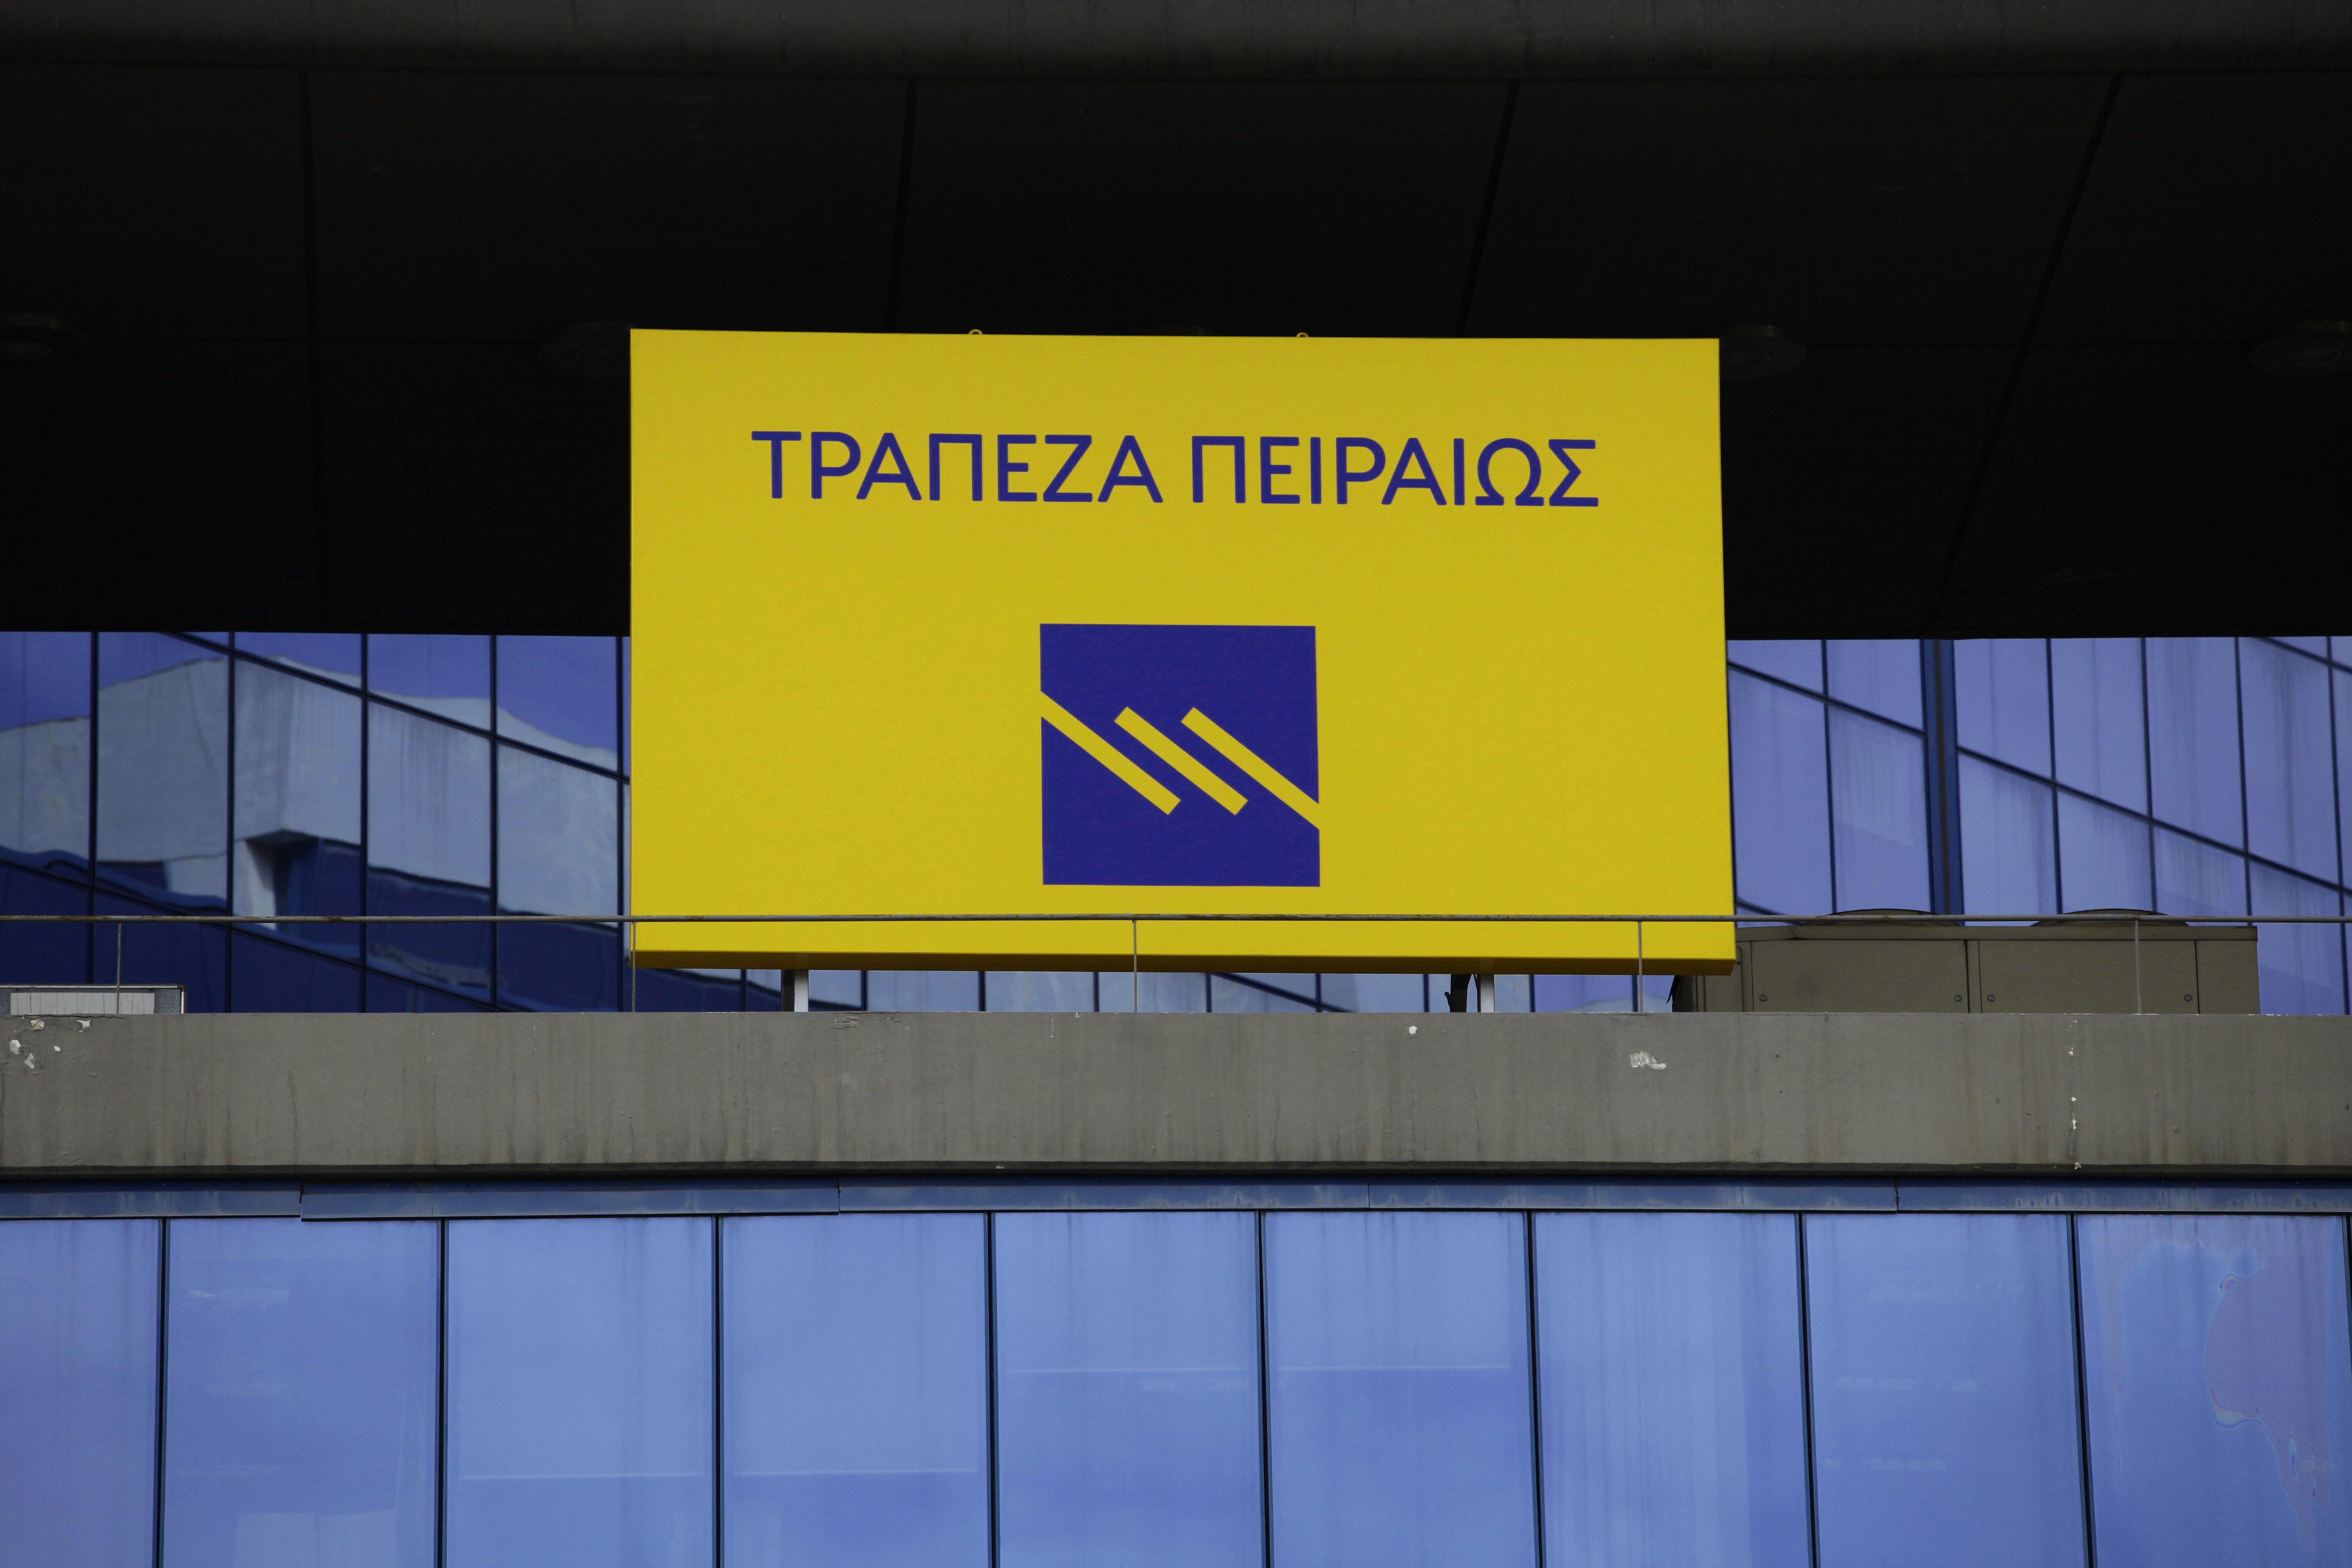 Παγκόσμια διάκριση για την Τράπεζα Πειραιώς   tovima.gr